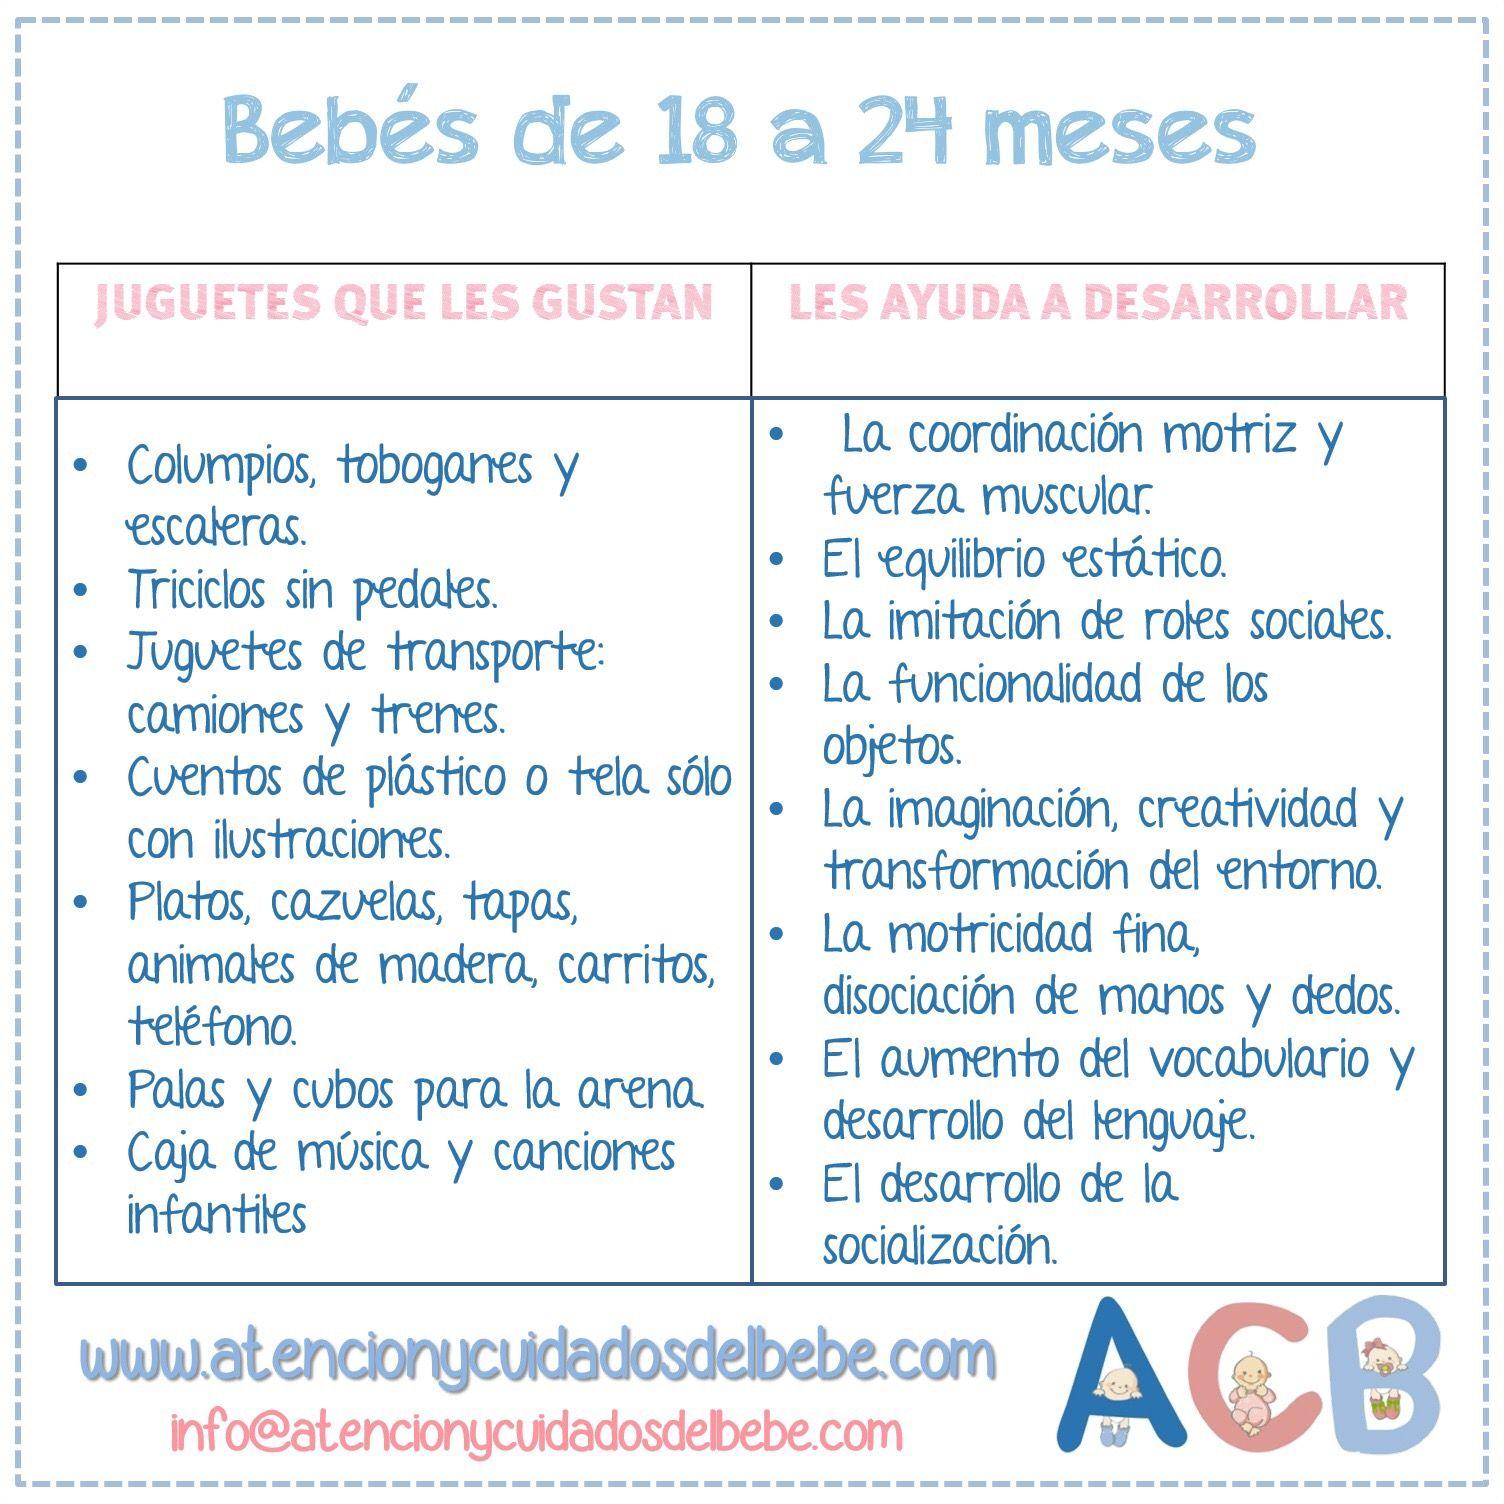 Juguetes Y Desarrollo De Bebes De 18 A 24 Meses Con Imagenes